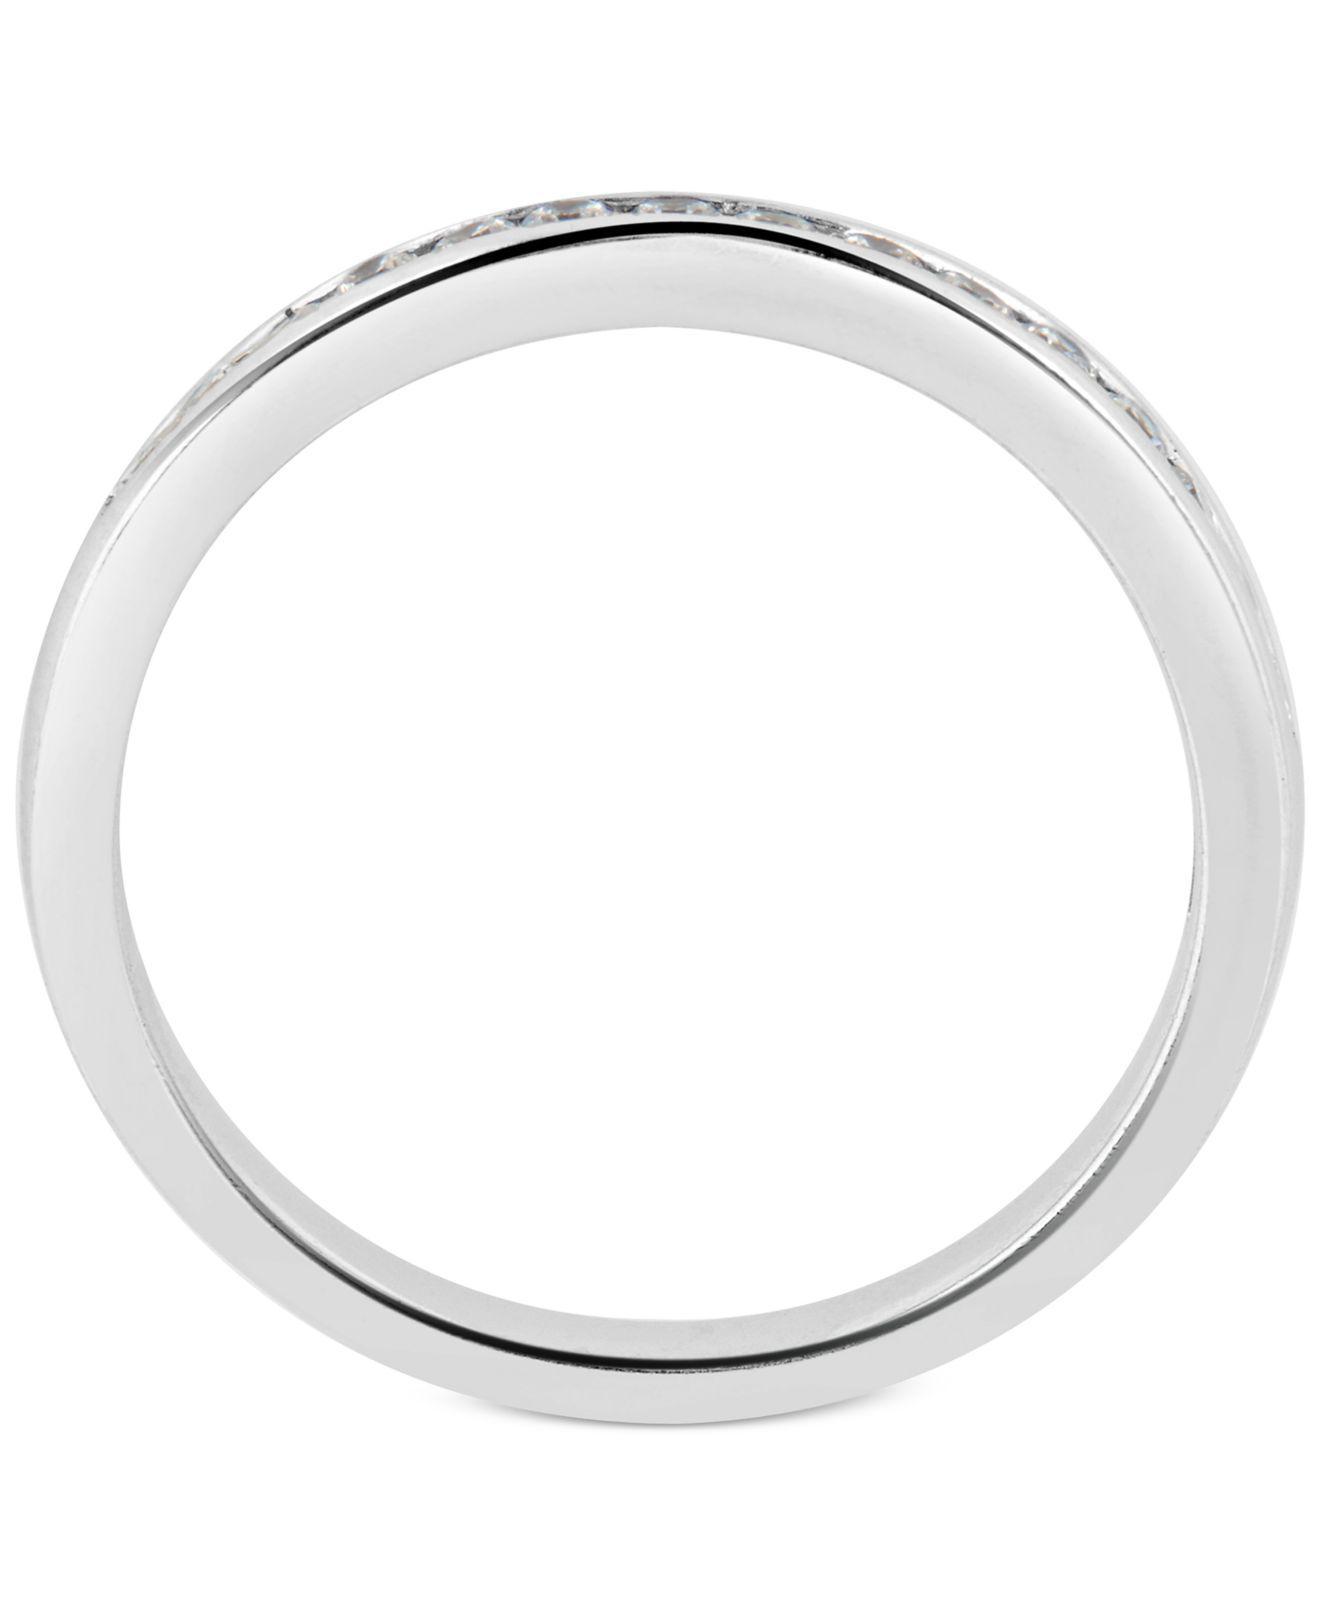 Macy s Diamond Halo Bridal Set 1 Ct T w In 14k White Gold in